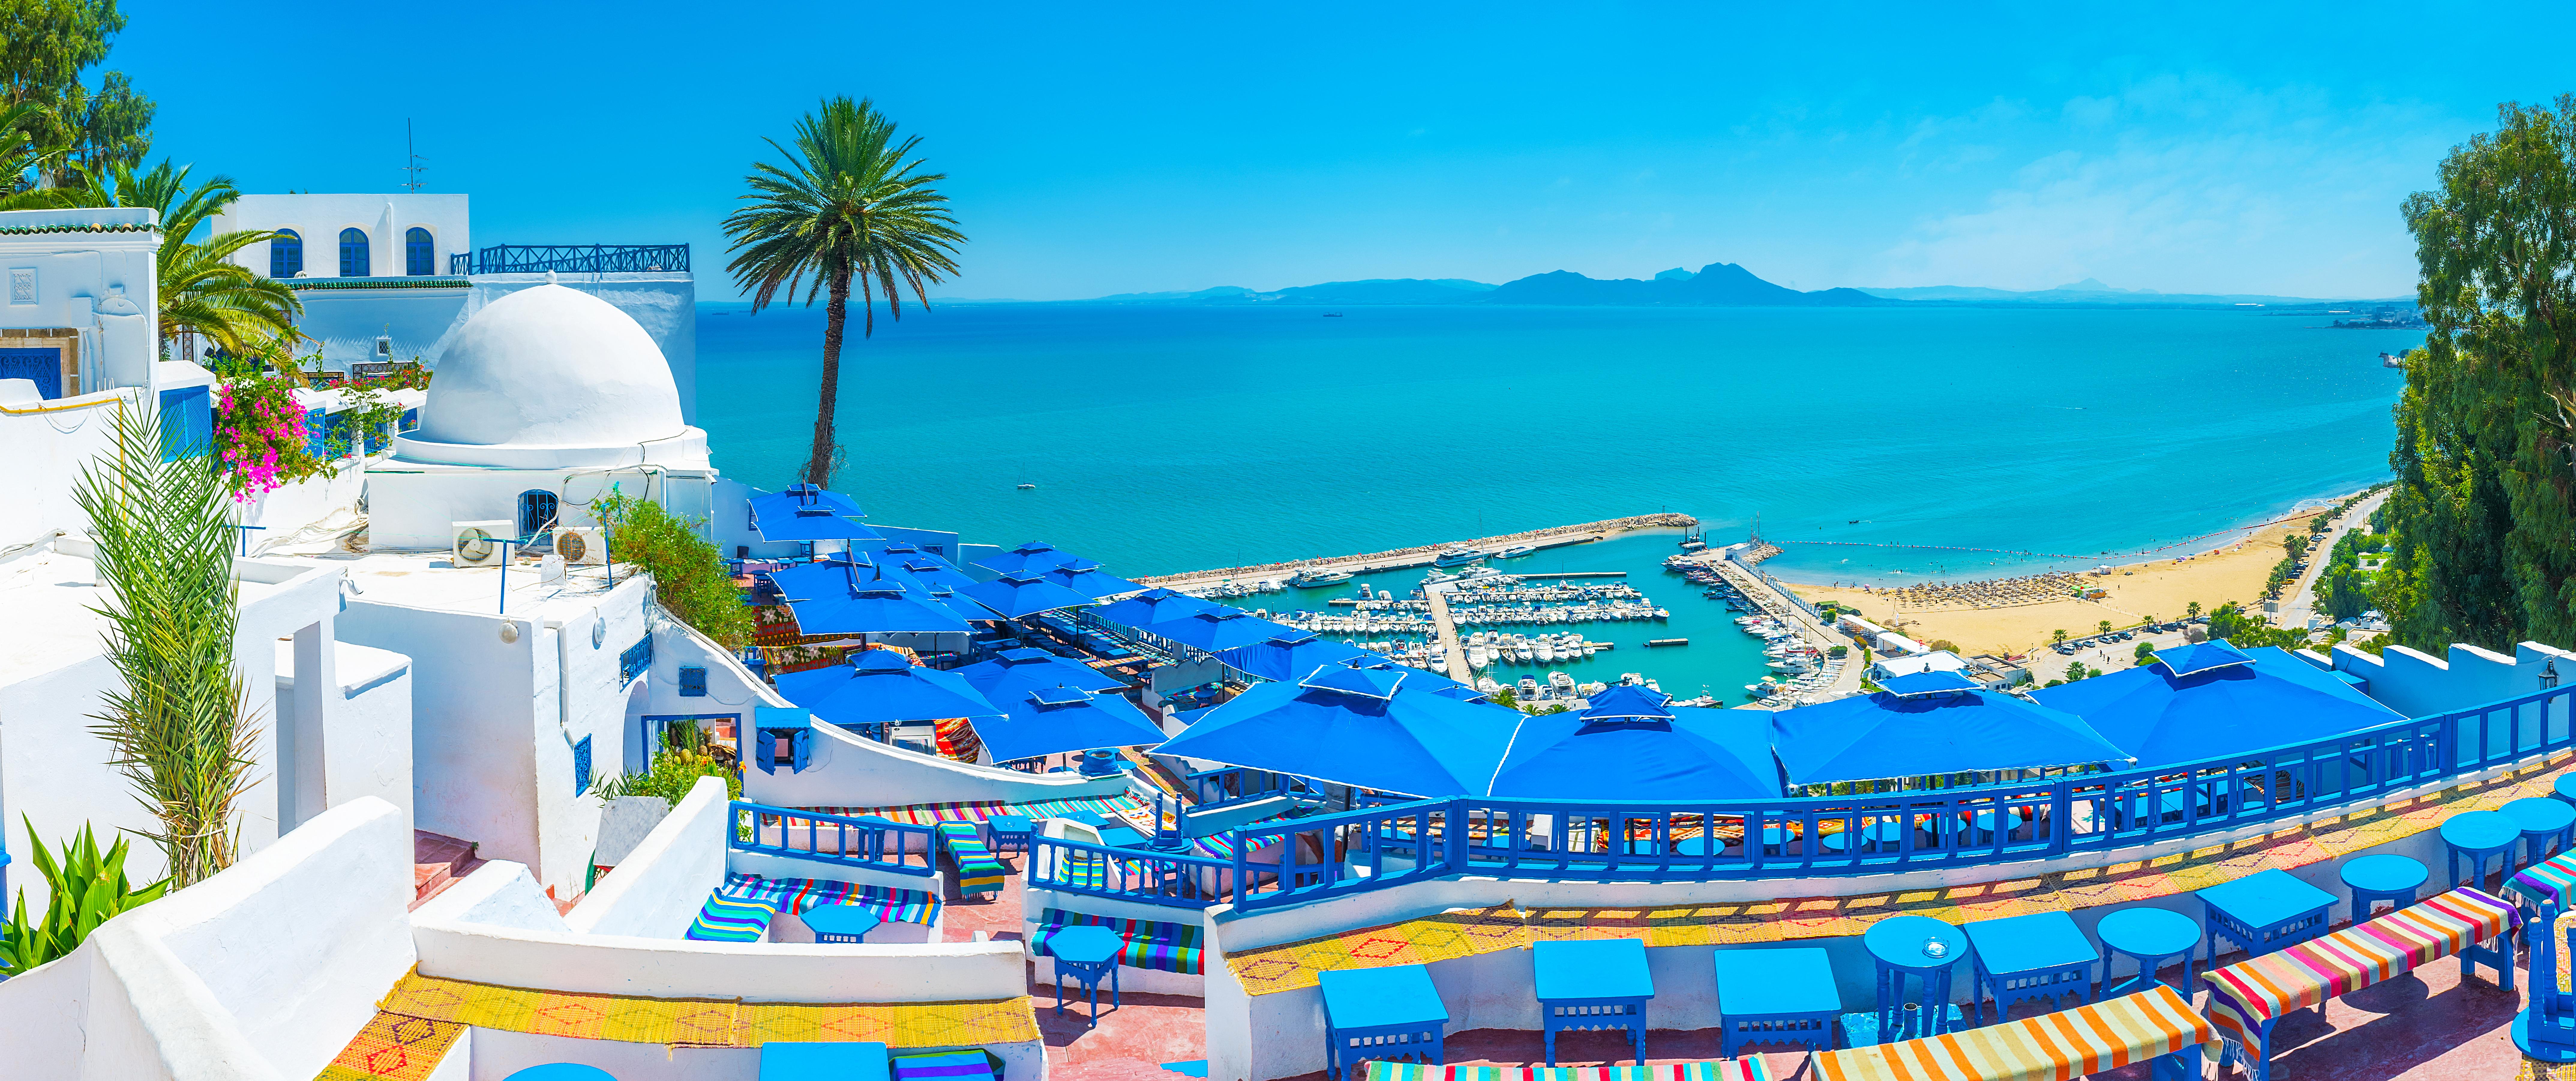 منظر عام لمدينة سيدي بوسعيد في تونس